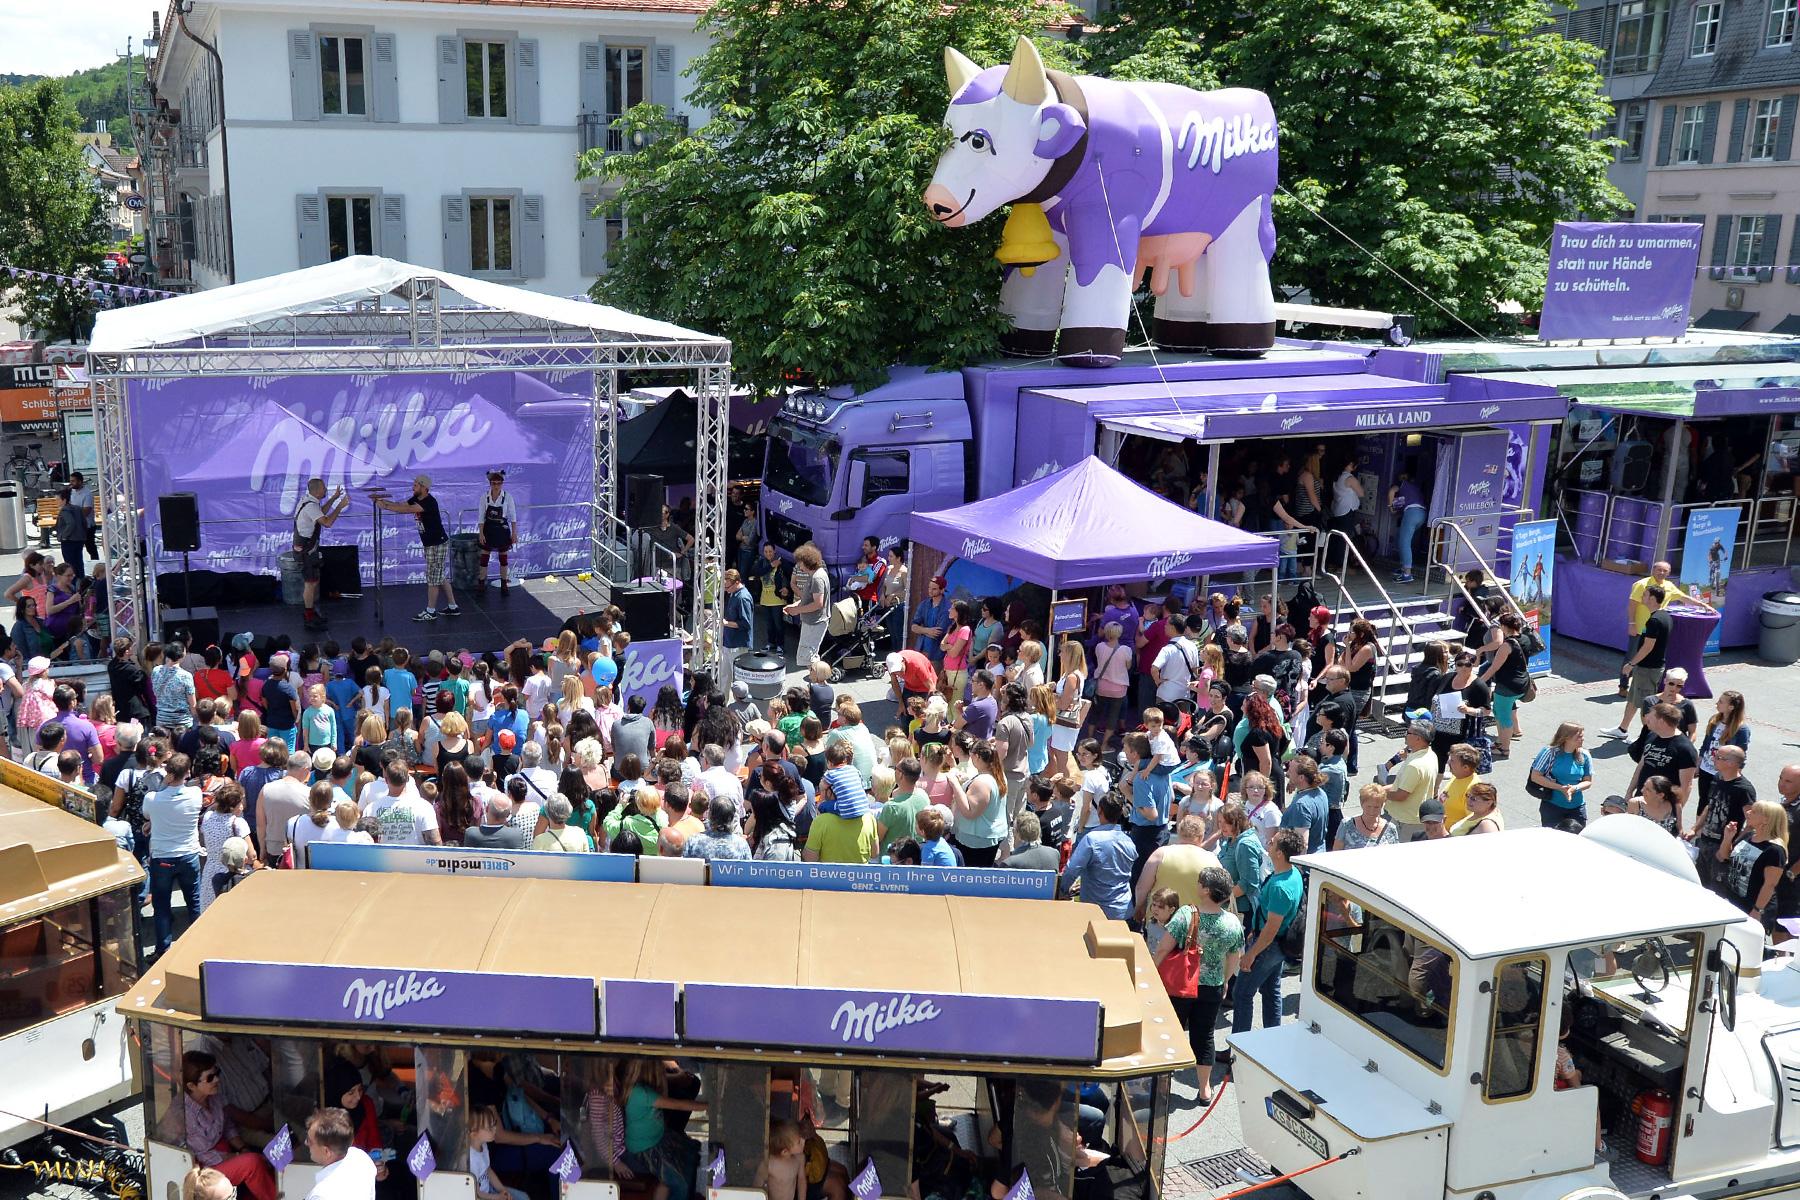 Trubel beim jährlichen Milka Schokofest auf dem Alten Marktplatz (Bild: Florian Weiß, Mondelez International)